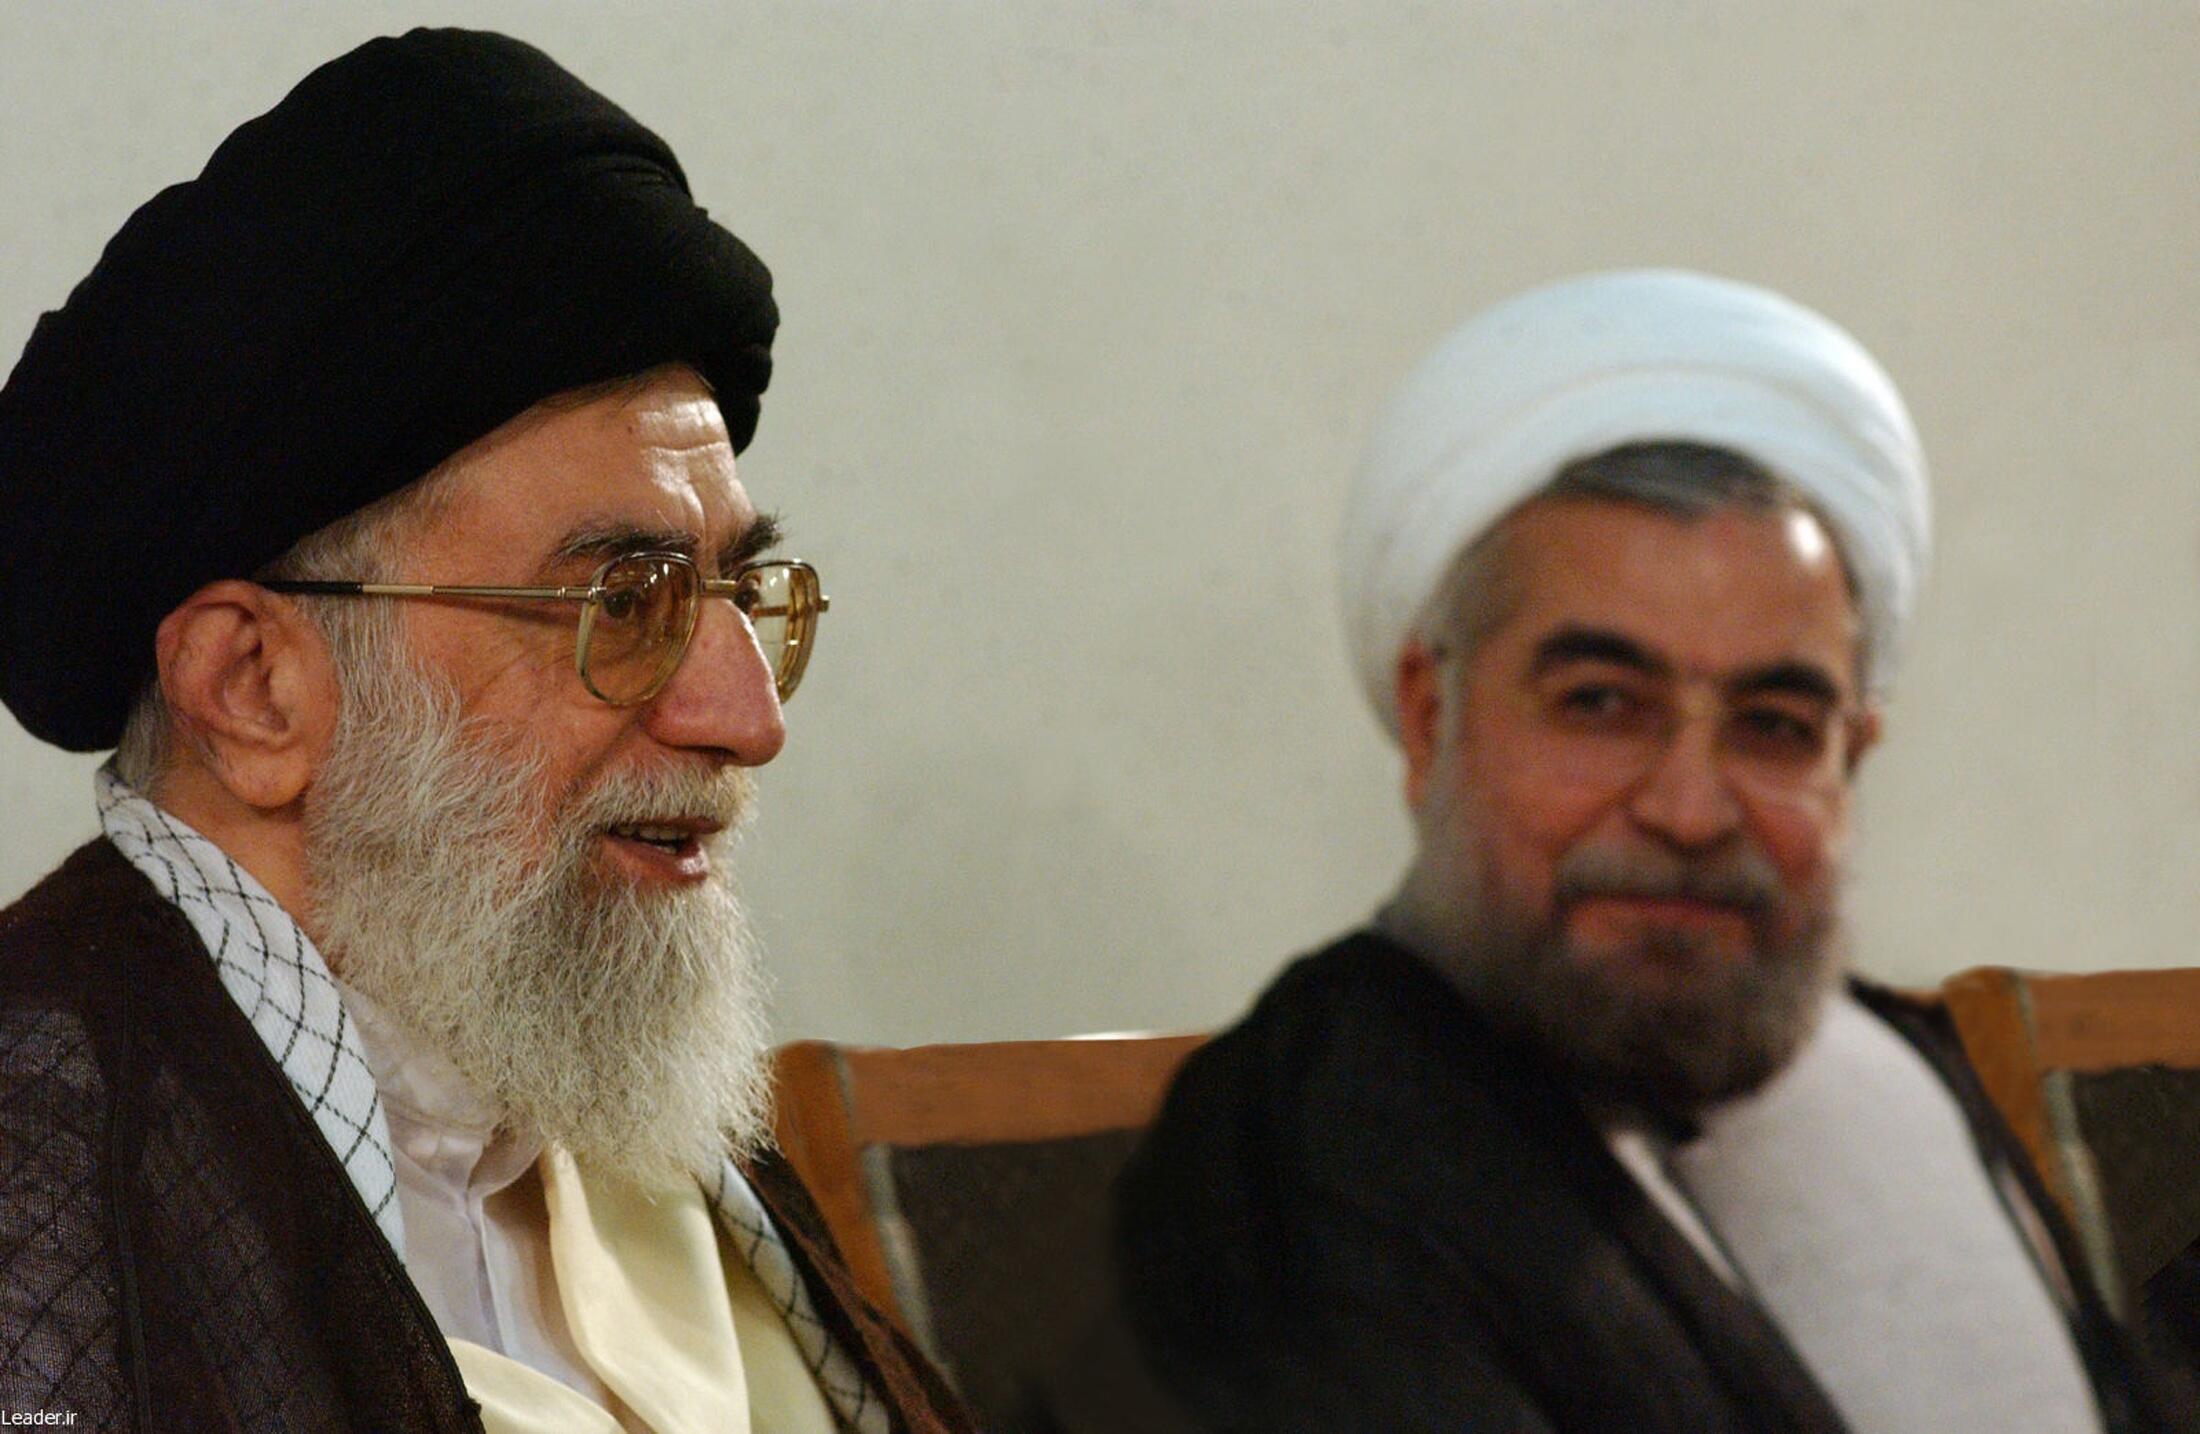 El líder supremo, Ali Jamenei (a la izquierda), junto a Hassan Rohani, el 16 de junio de 2013 en Teherán.